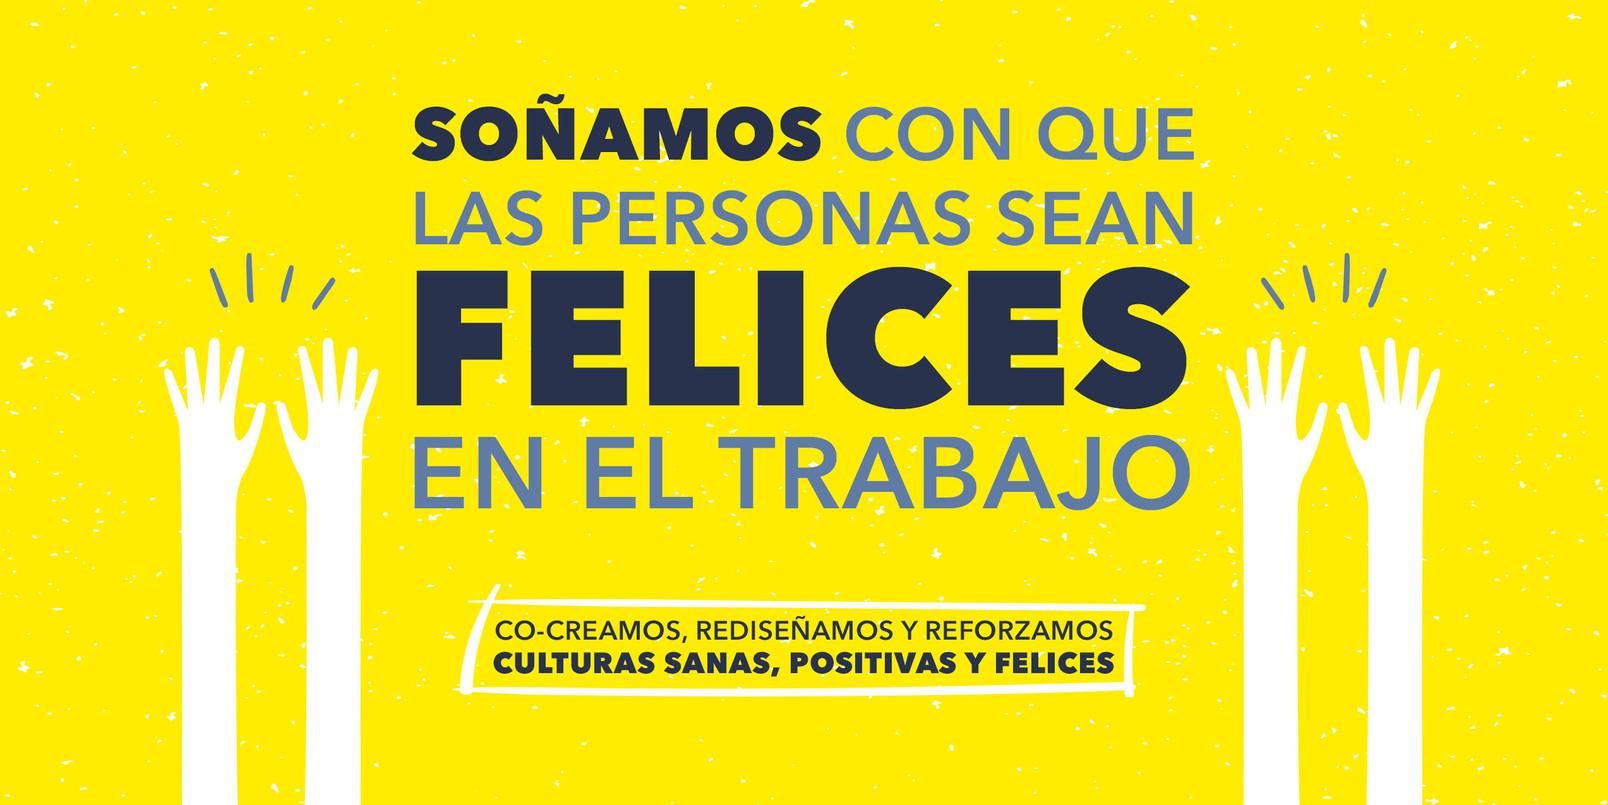 banner-amarillo2.jpg